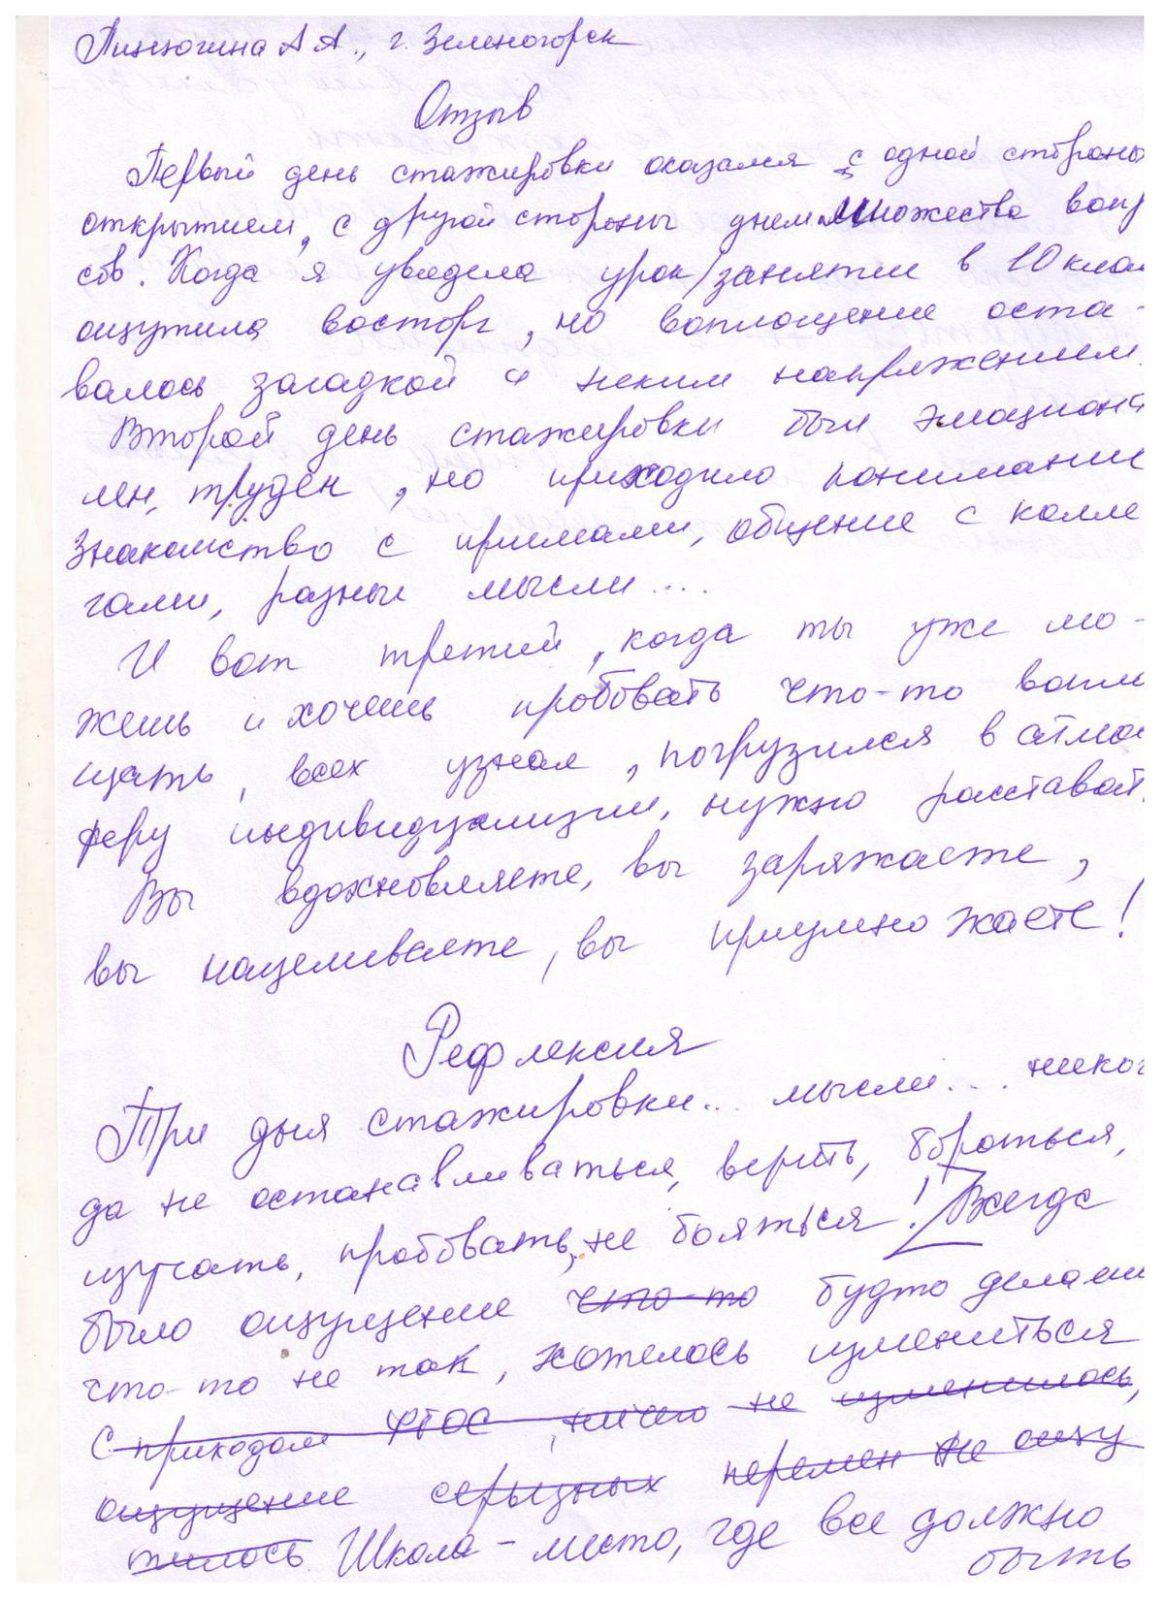 Pinjugina-Anastasija